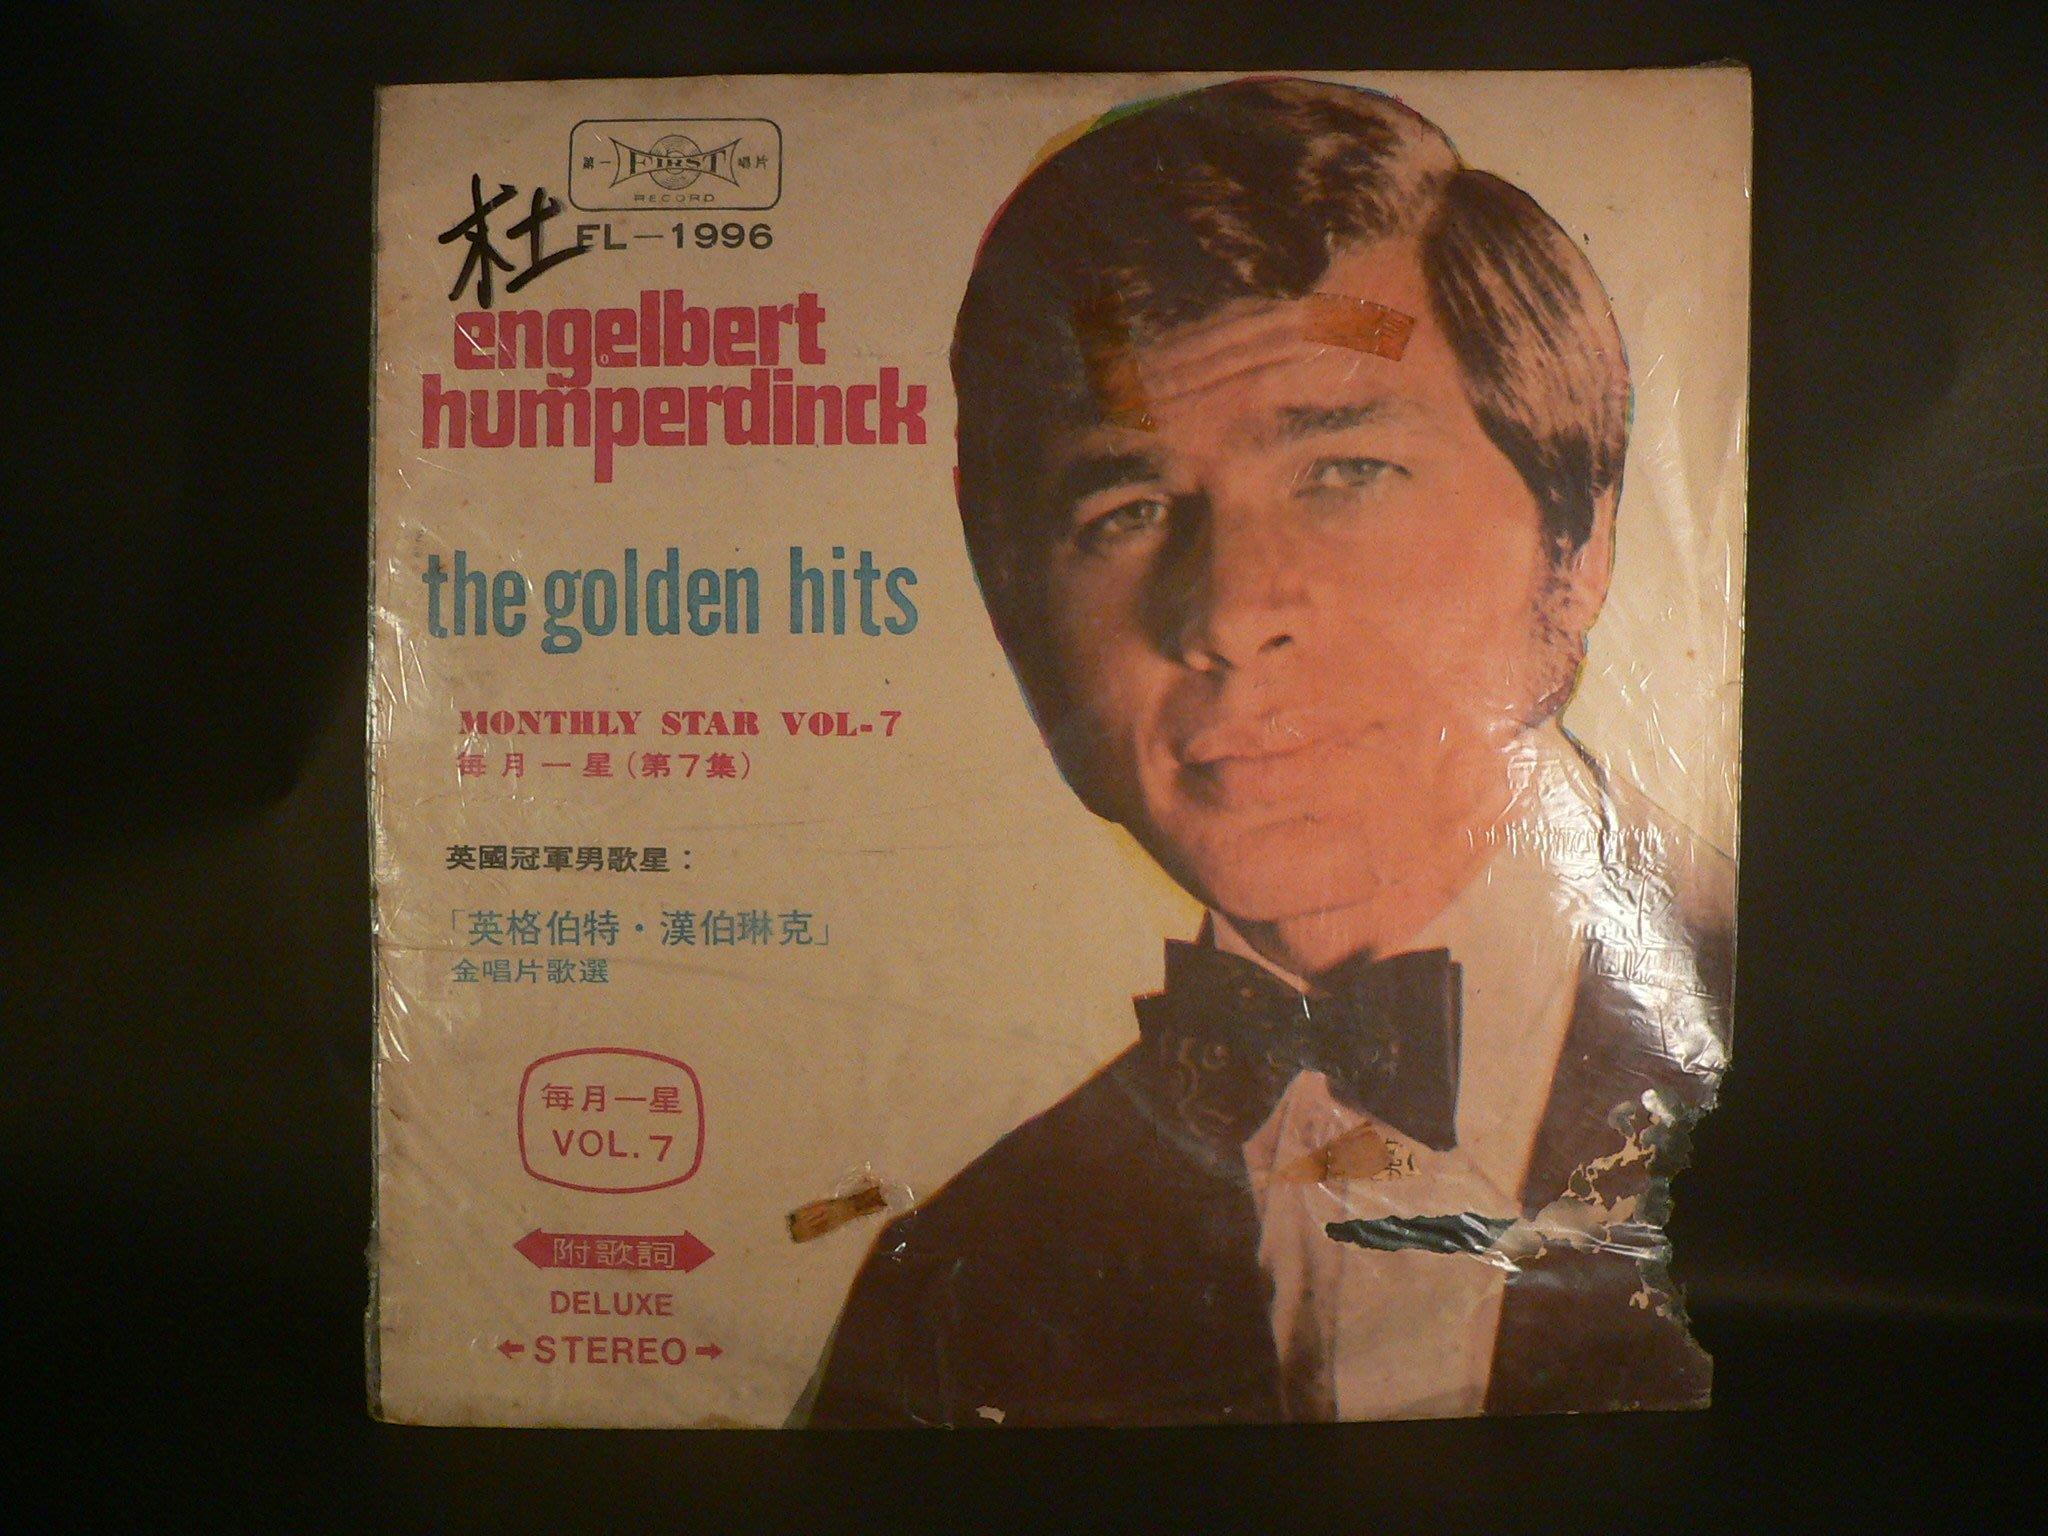 乖乖@賣場(LP黑膠唱片)12吋每月一星(7)英國冠軍男歌星 英格伯特 漢伯琳克 金唱片歌選